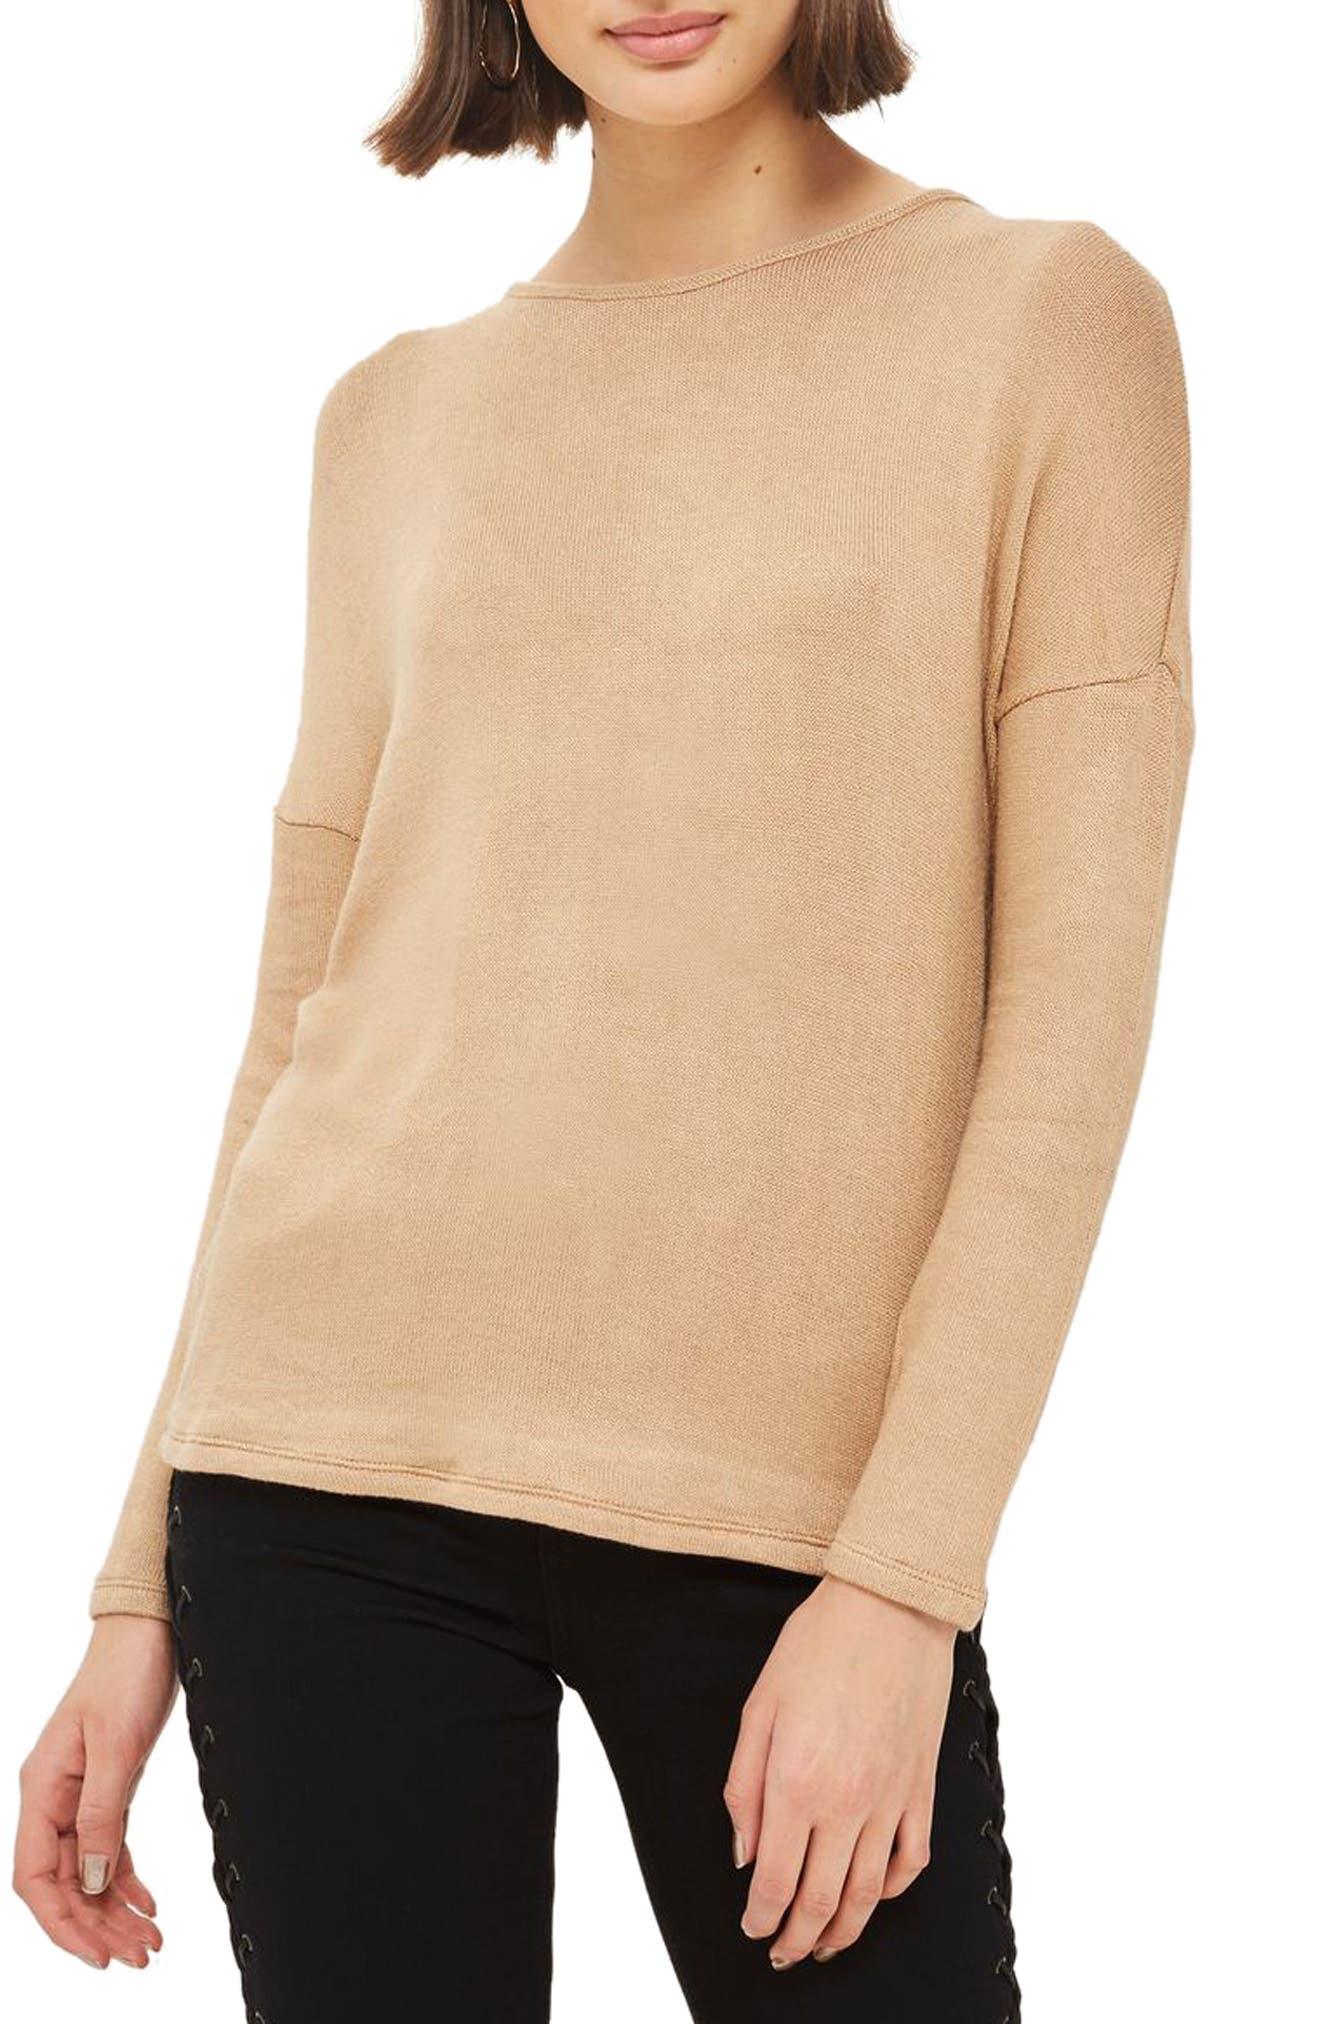 Alternate Image 1 Selected - Topshop Drop Shoulder Tie Back Sweater